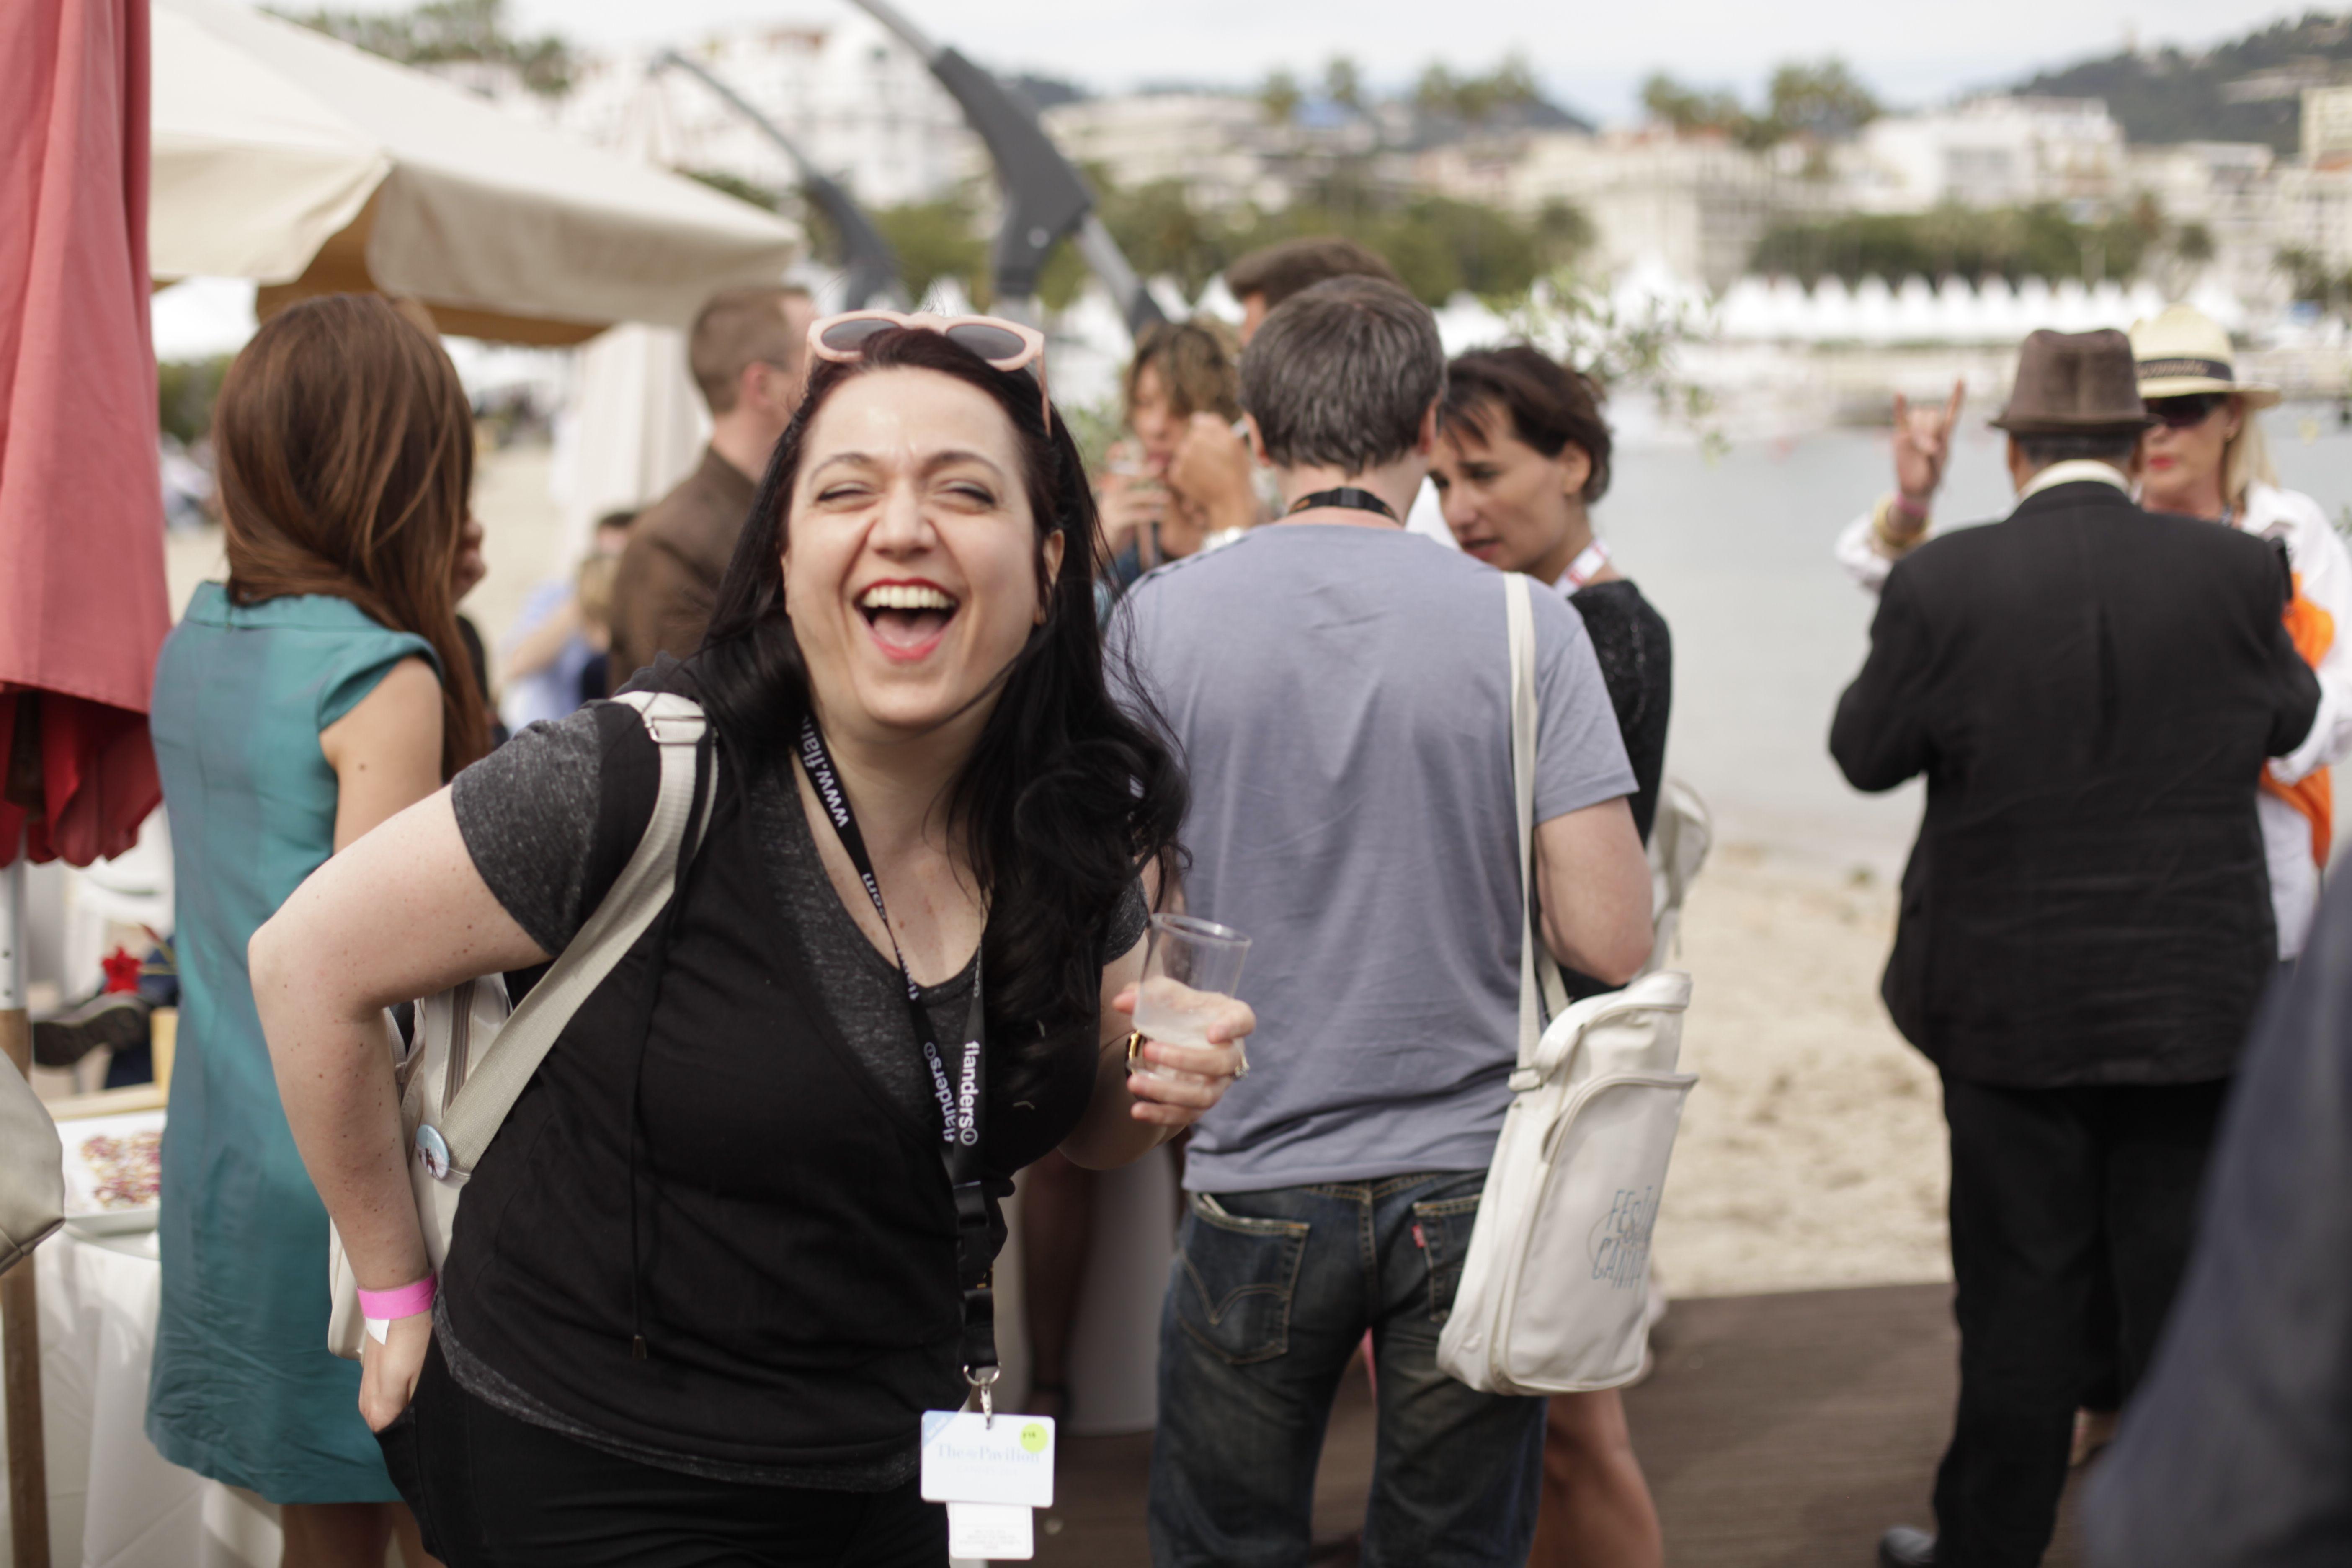 RSVP Cannes Film Festival Parties 2016 www.cannesdigital.co #cannes #film #festival #invitation #festival #de #cannes #festivaldecannesinvitations #cocktails #festivaldecannesparties #screening #WONDER #cannesdigital #cannes16 #cannes69  #cannesfilmfestival #cocktaildumerveilleux #festivaldecannesparties #cannesfilmfestivalparties #cannesdigital2016  #cannesfilmfestivalinvitations #cannesfilmfestivalcocktails #cannesfilmfestivalparties